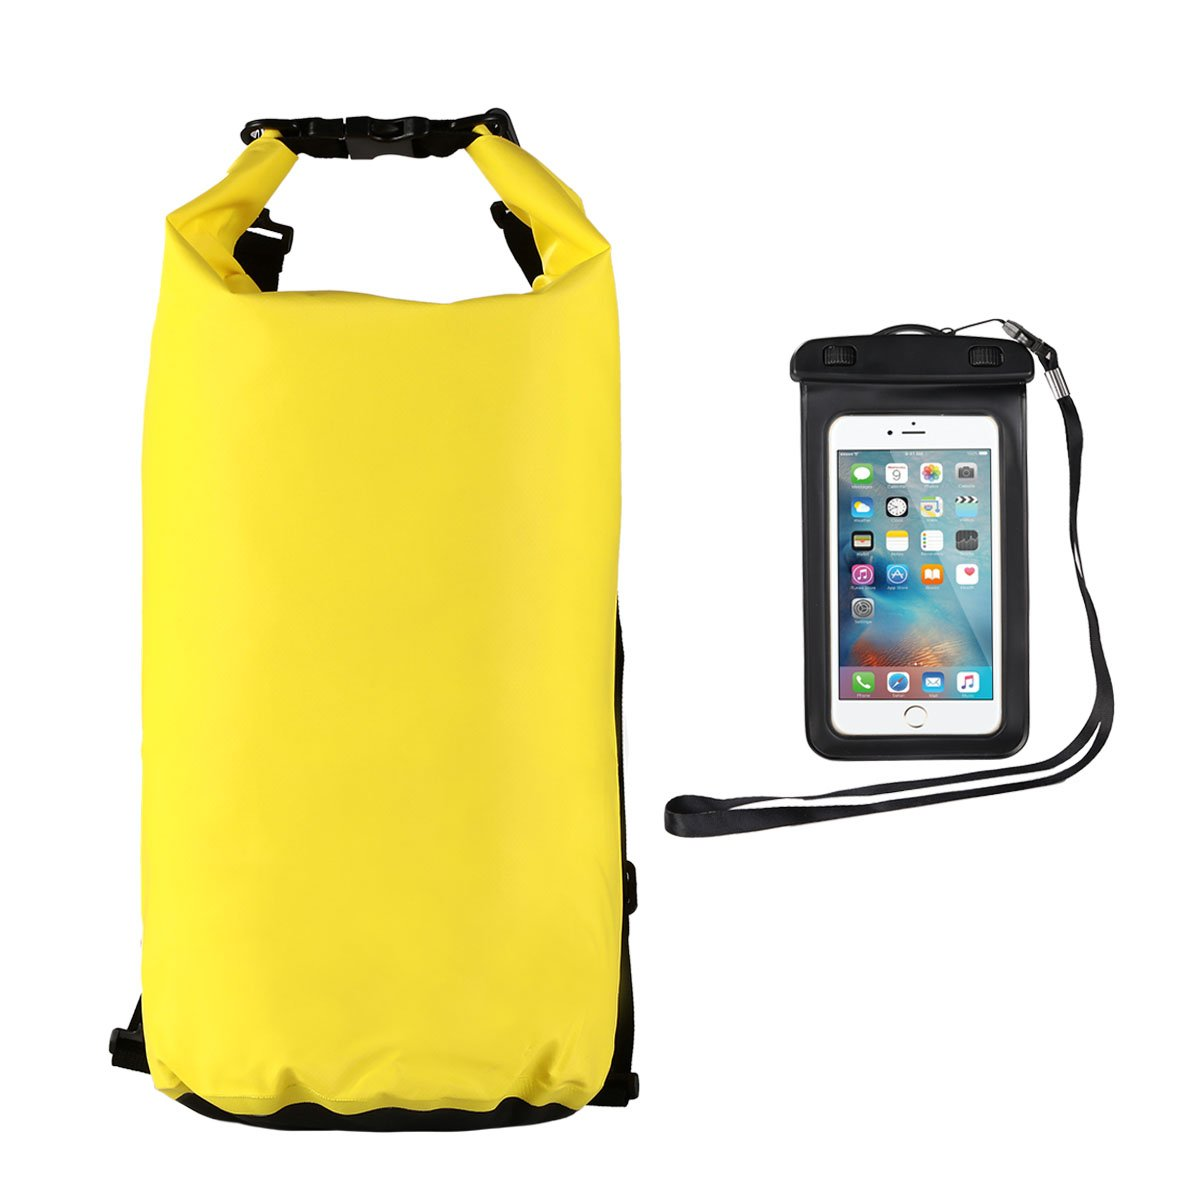 Youngdo 20L Bolsa Estanca Impermeable Mochila Estanca Funda Universal para Smartphone al Aire Libre y Deportes Acuáticos 2 Pack 500D Amarillo: Amazon.es: Electrónica